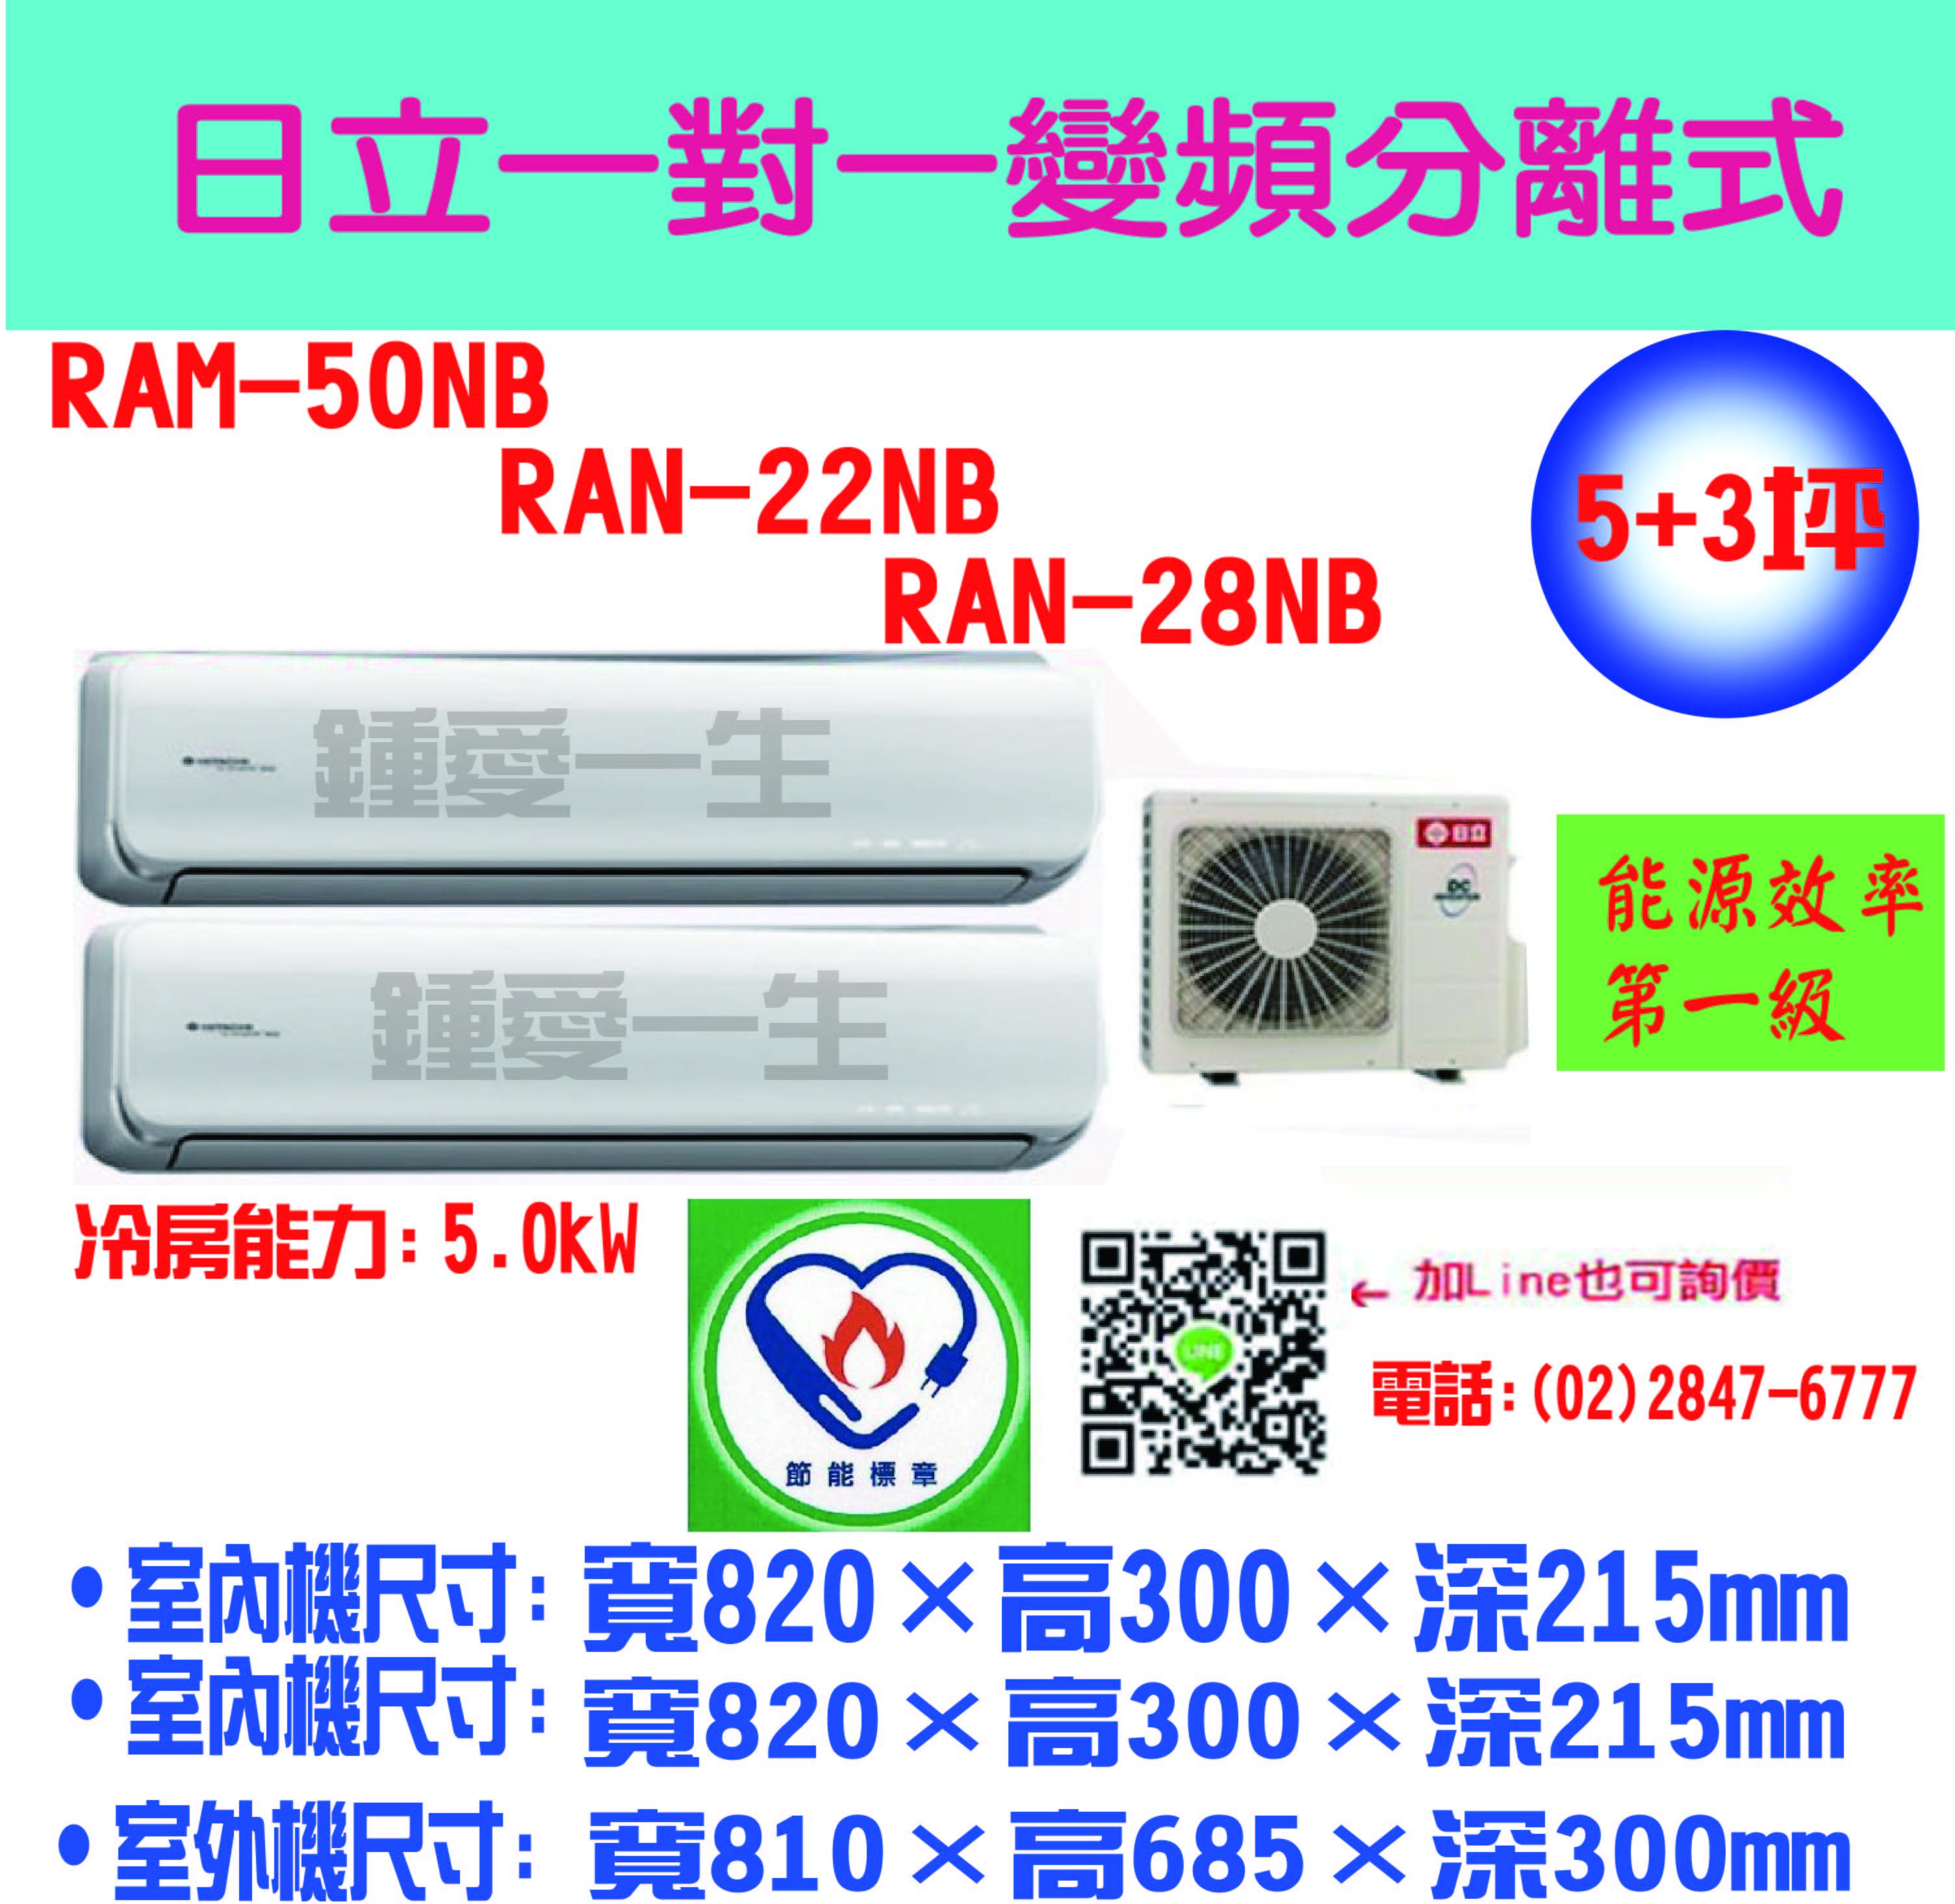 【鍾愛一生】【RAM-50NB / RAS-22NB + RAS-28NB】HITACHI 日立冷氣 變頻 冷暖 頂級型 分離式 一對二 日本原裝壓縮機 節能1級 適用3-5坪+4-6坪 免費基本安裝